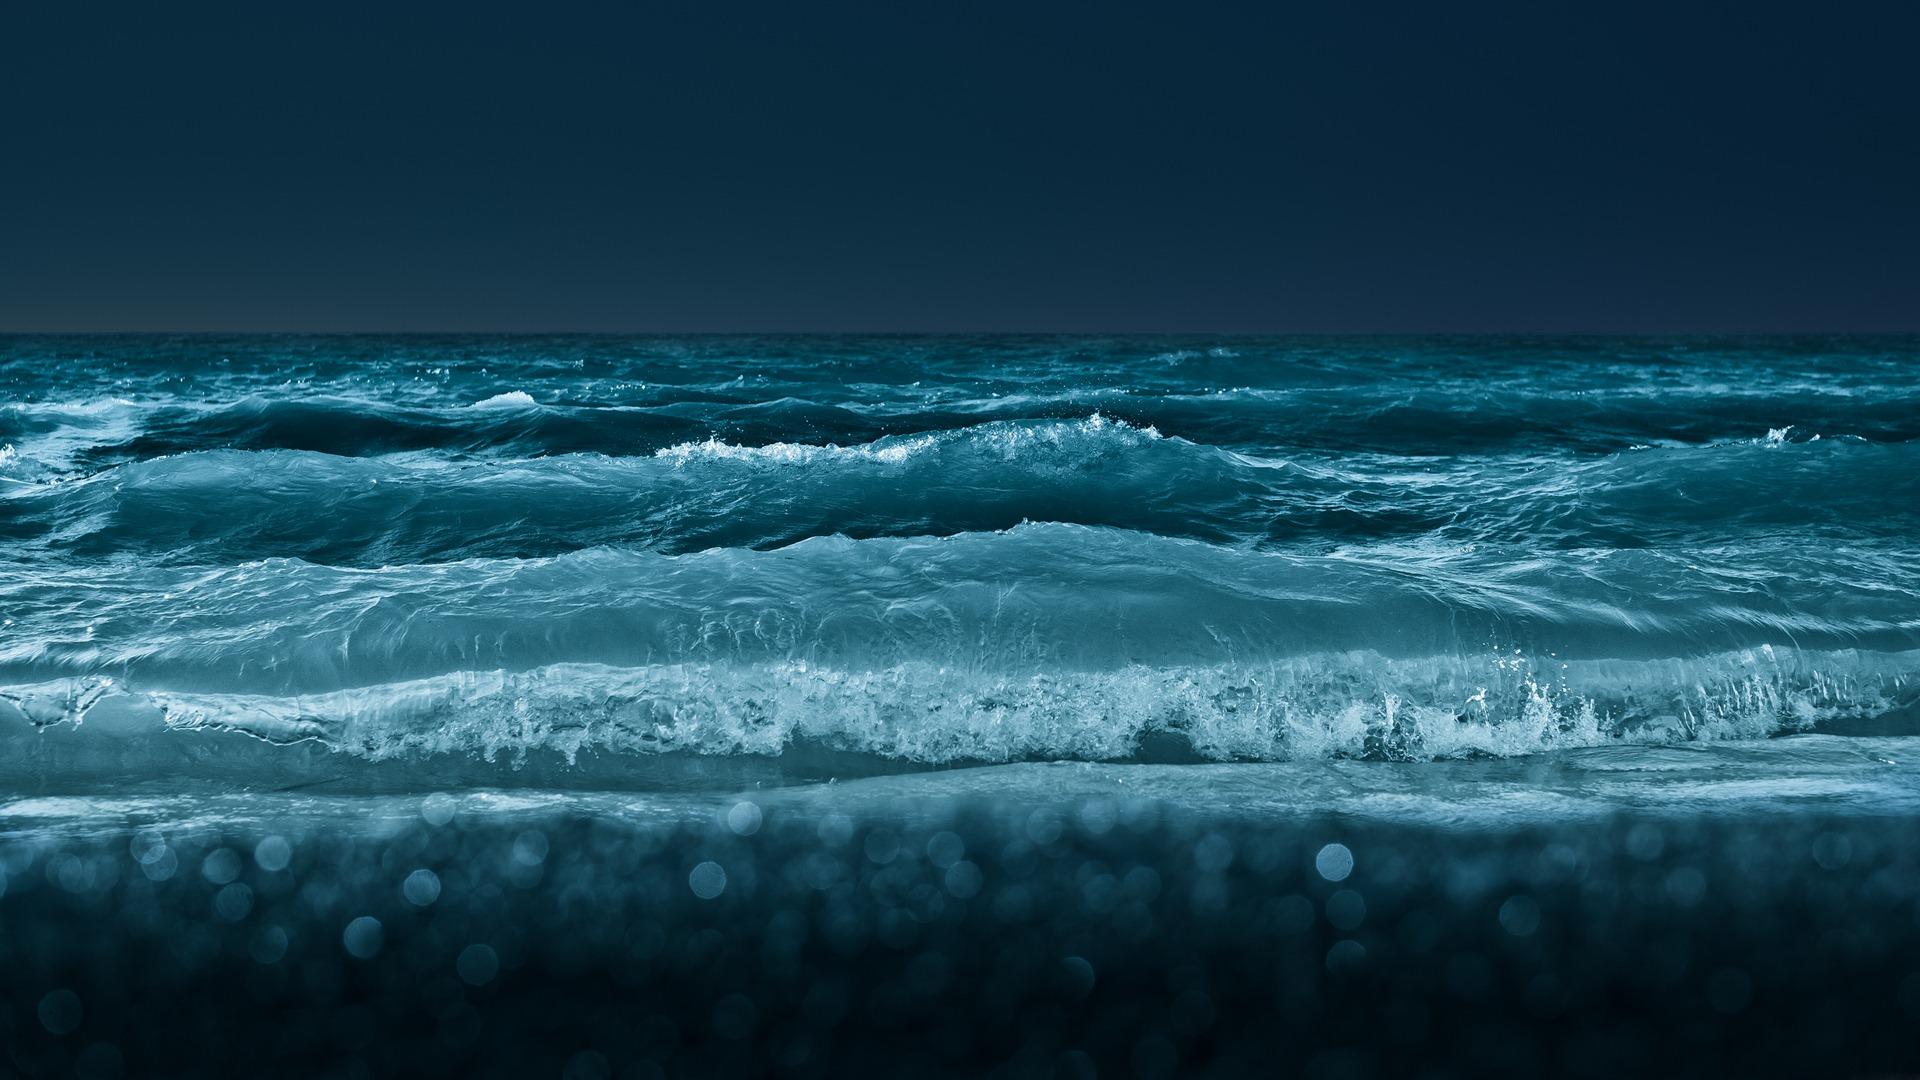 Ocean Desktop Backgrounds Wallpapers9 1920x1080